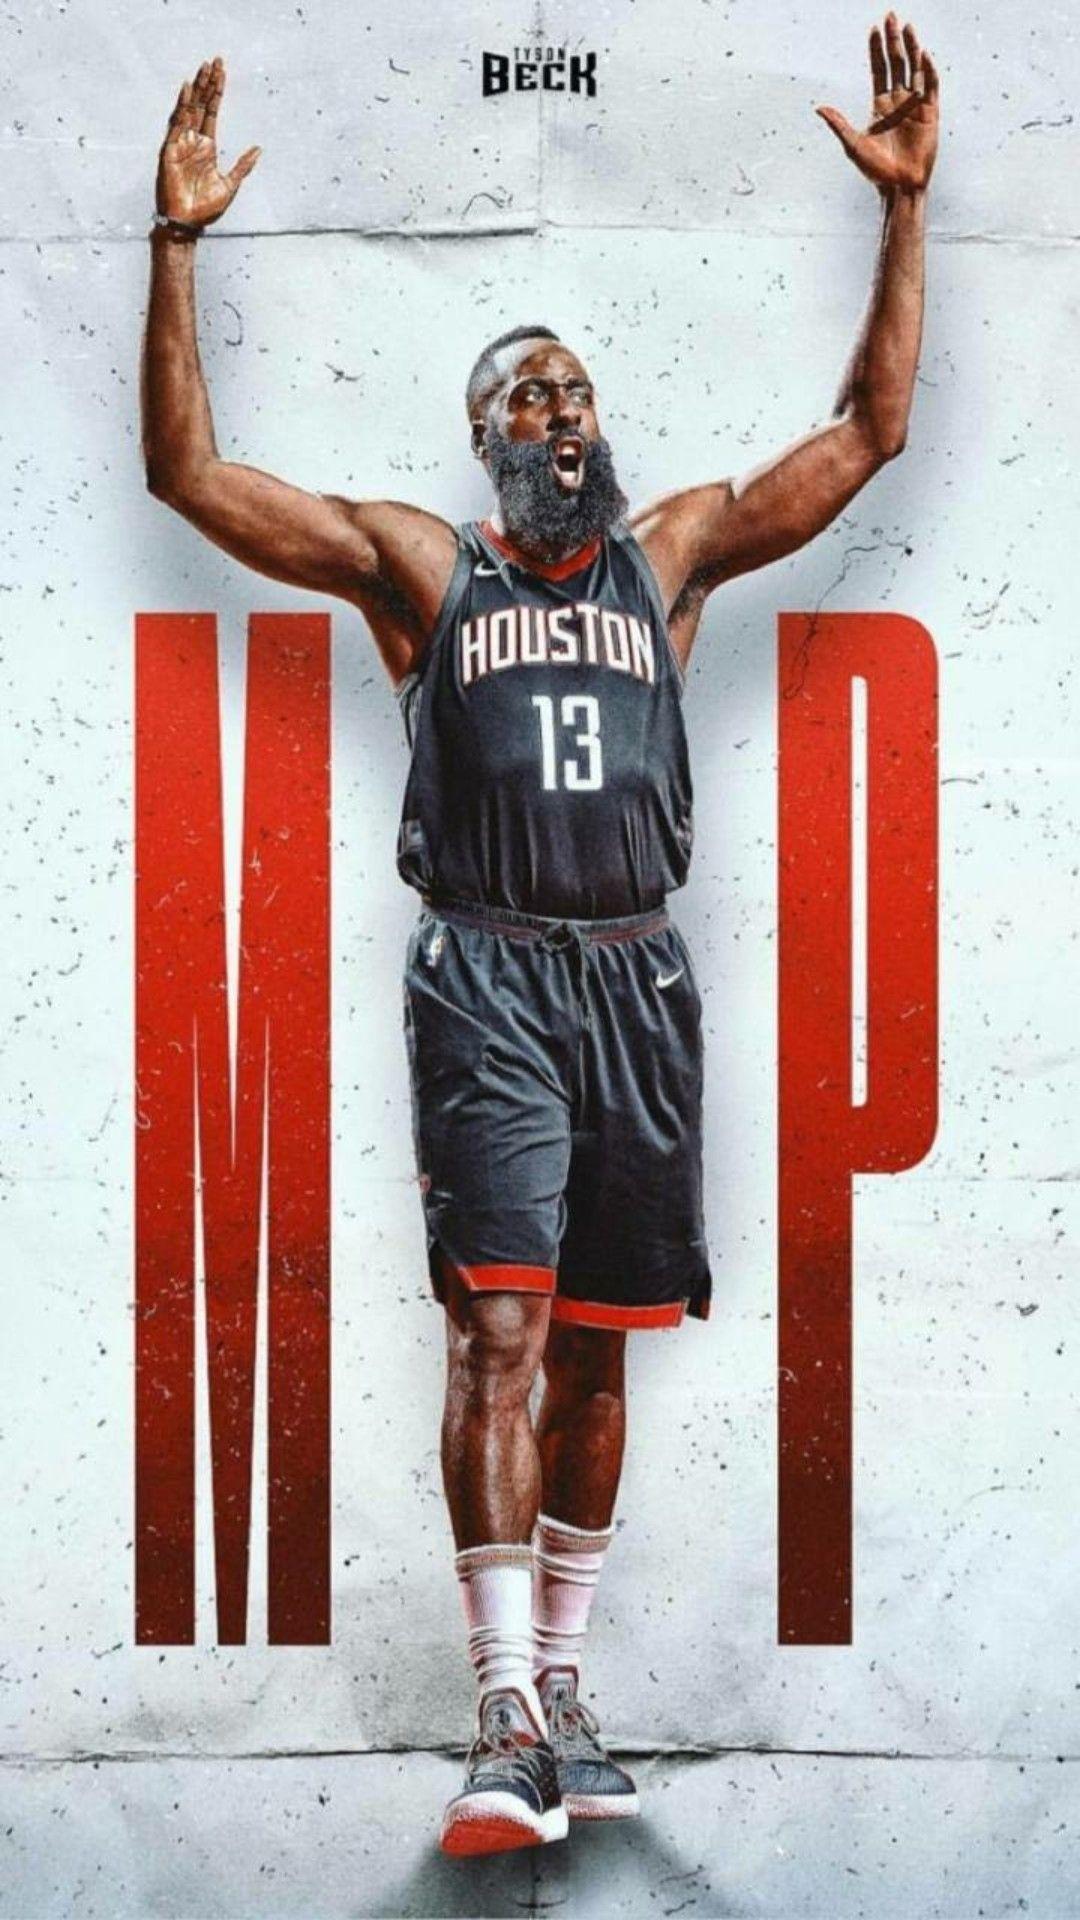 James harden mvp wallpaper basketball wallpaper fc - James harden iphone wallpaper ...